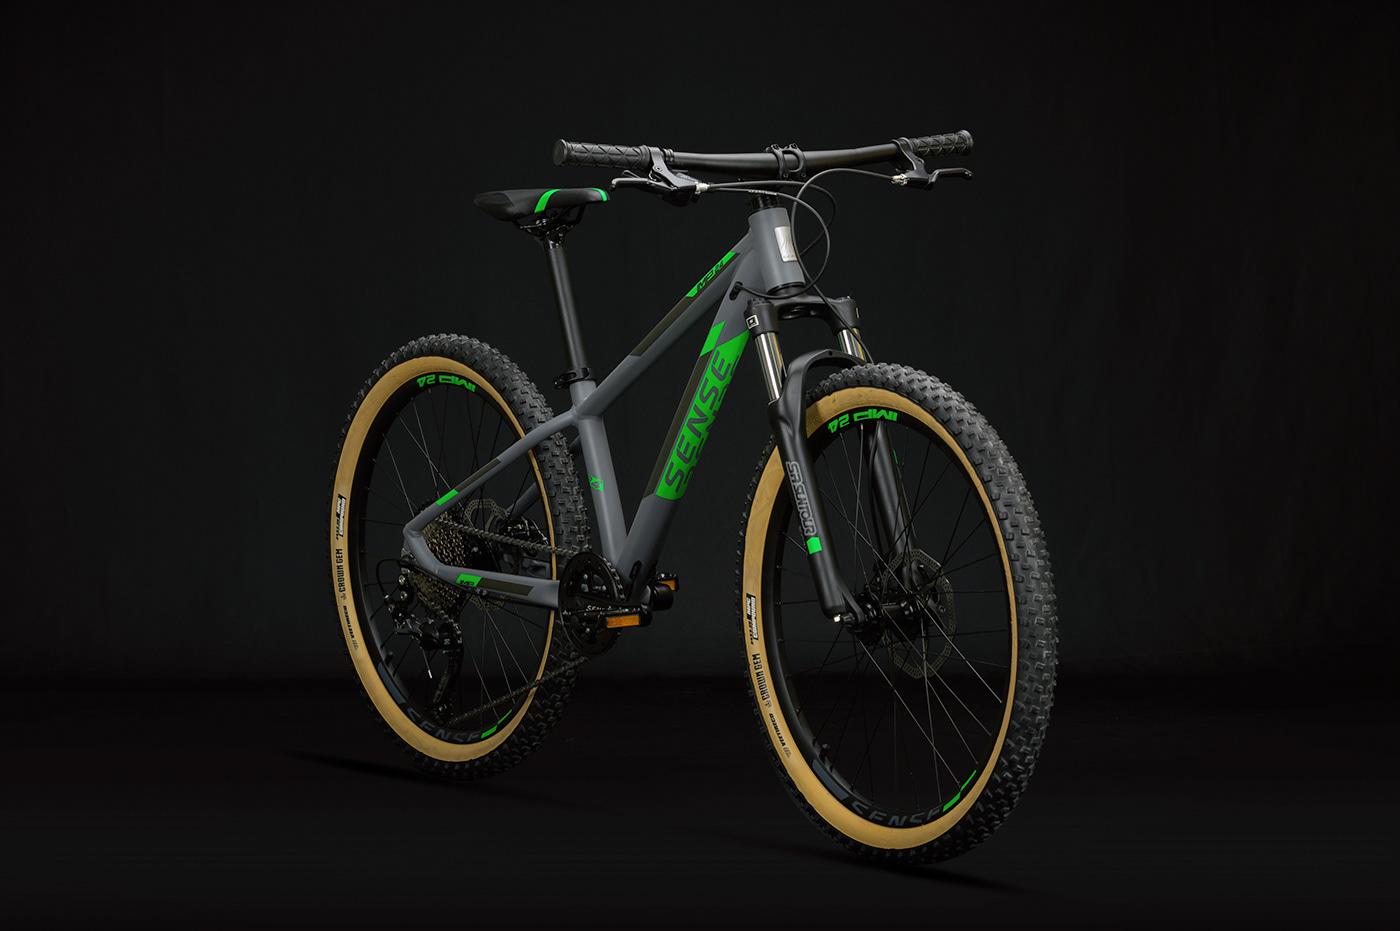 ALLOY BICYCLE bicicleta Bicycle Bicycle Design Delfino Design design de produto Gabriel Delfino industrial design  stickers Transportation Design